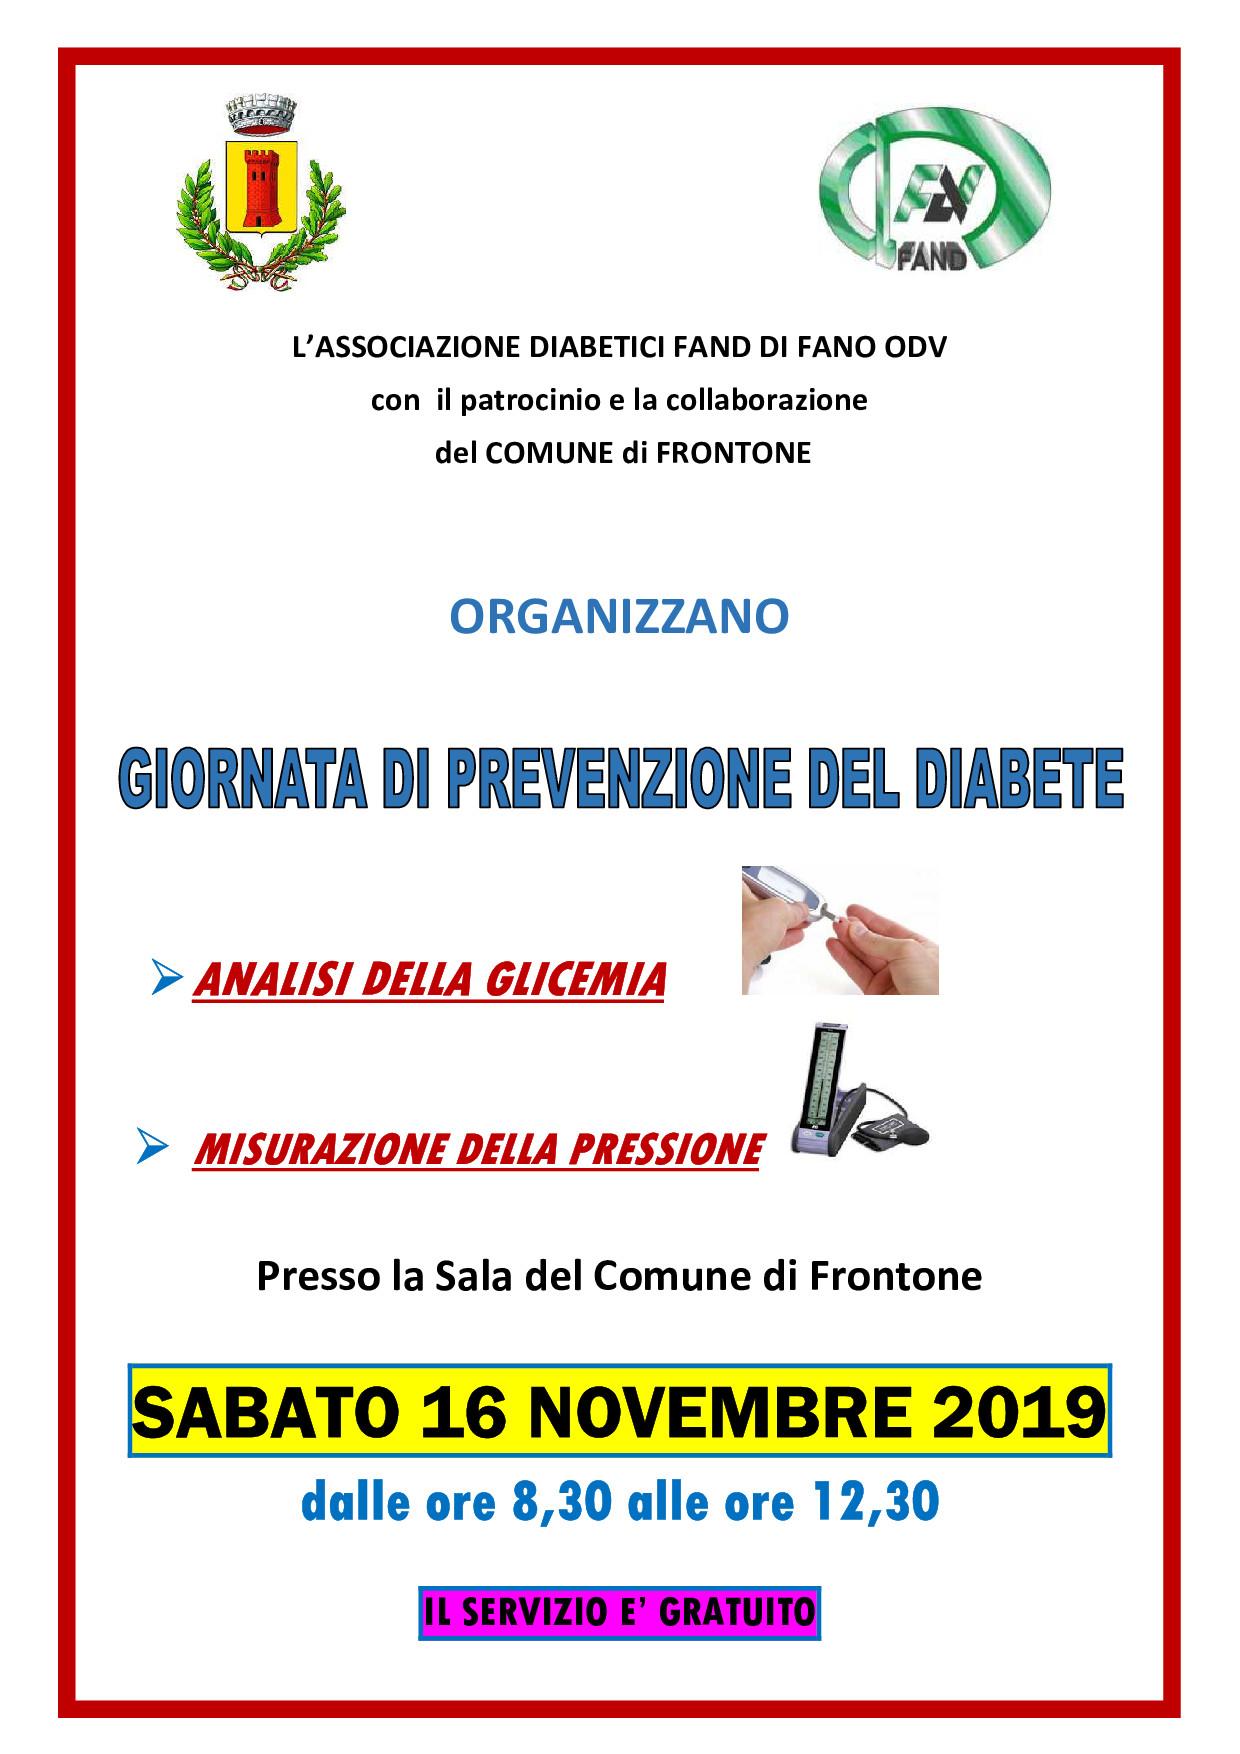 Giornata di prevenzione del diabete – Frontone – Fand Fano